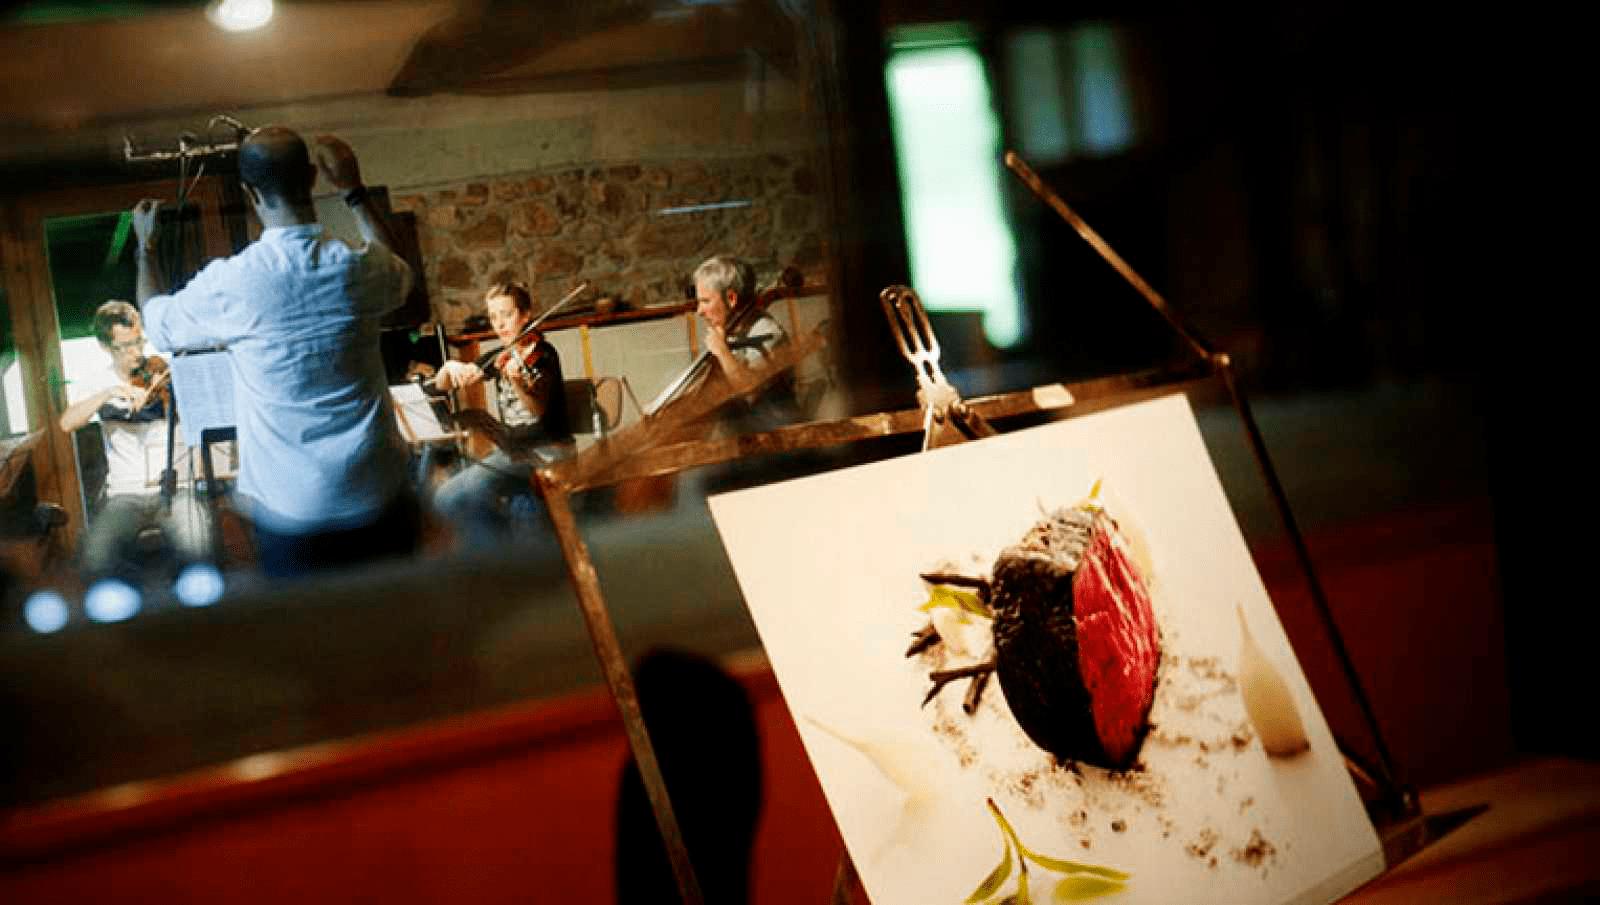 El arte en sus múltiples disciplinas se da cita en el restaurante Mugaritz.